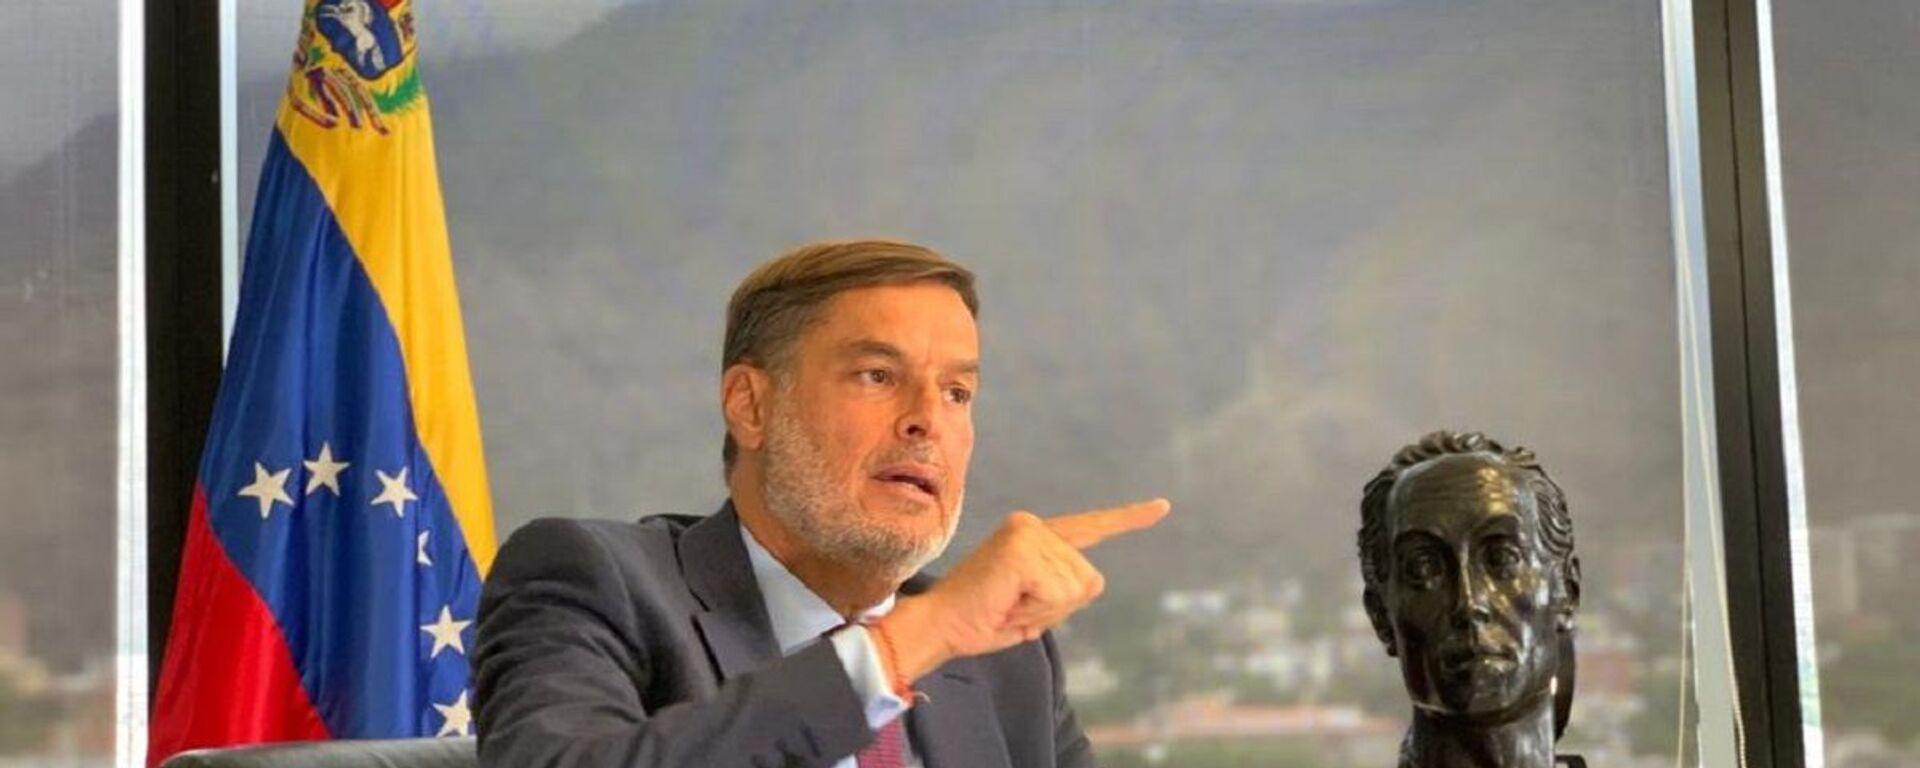 Félix Plasencia, el ministro del Poder Popular para el Turismo y Comercio Exterior de Venezuela - Sputnik Mundo, 1920, 19.08.2021